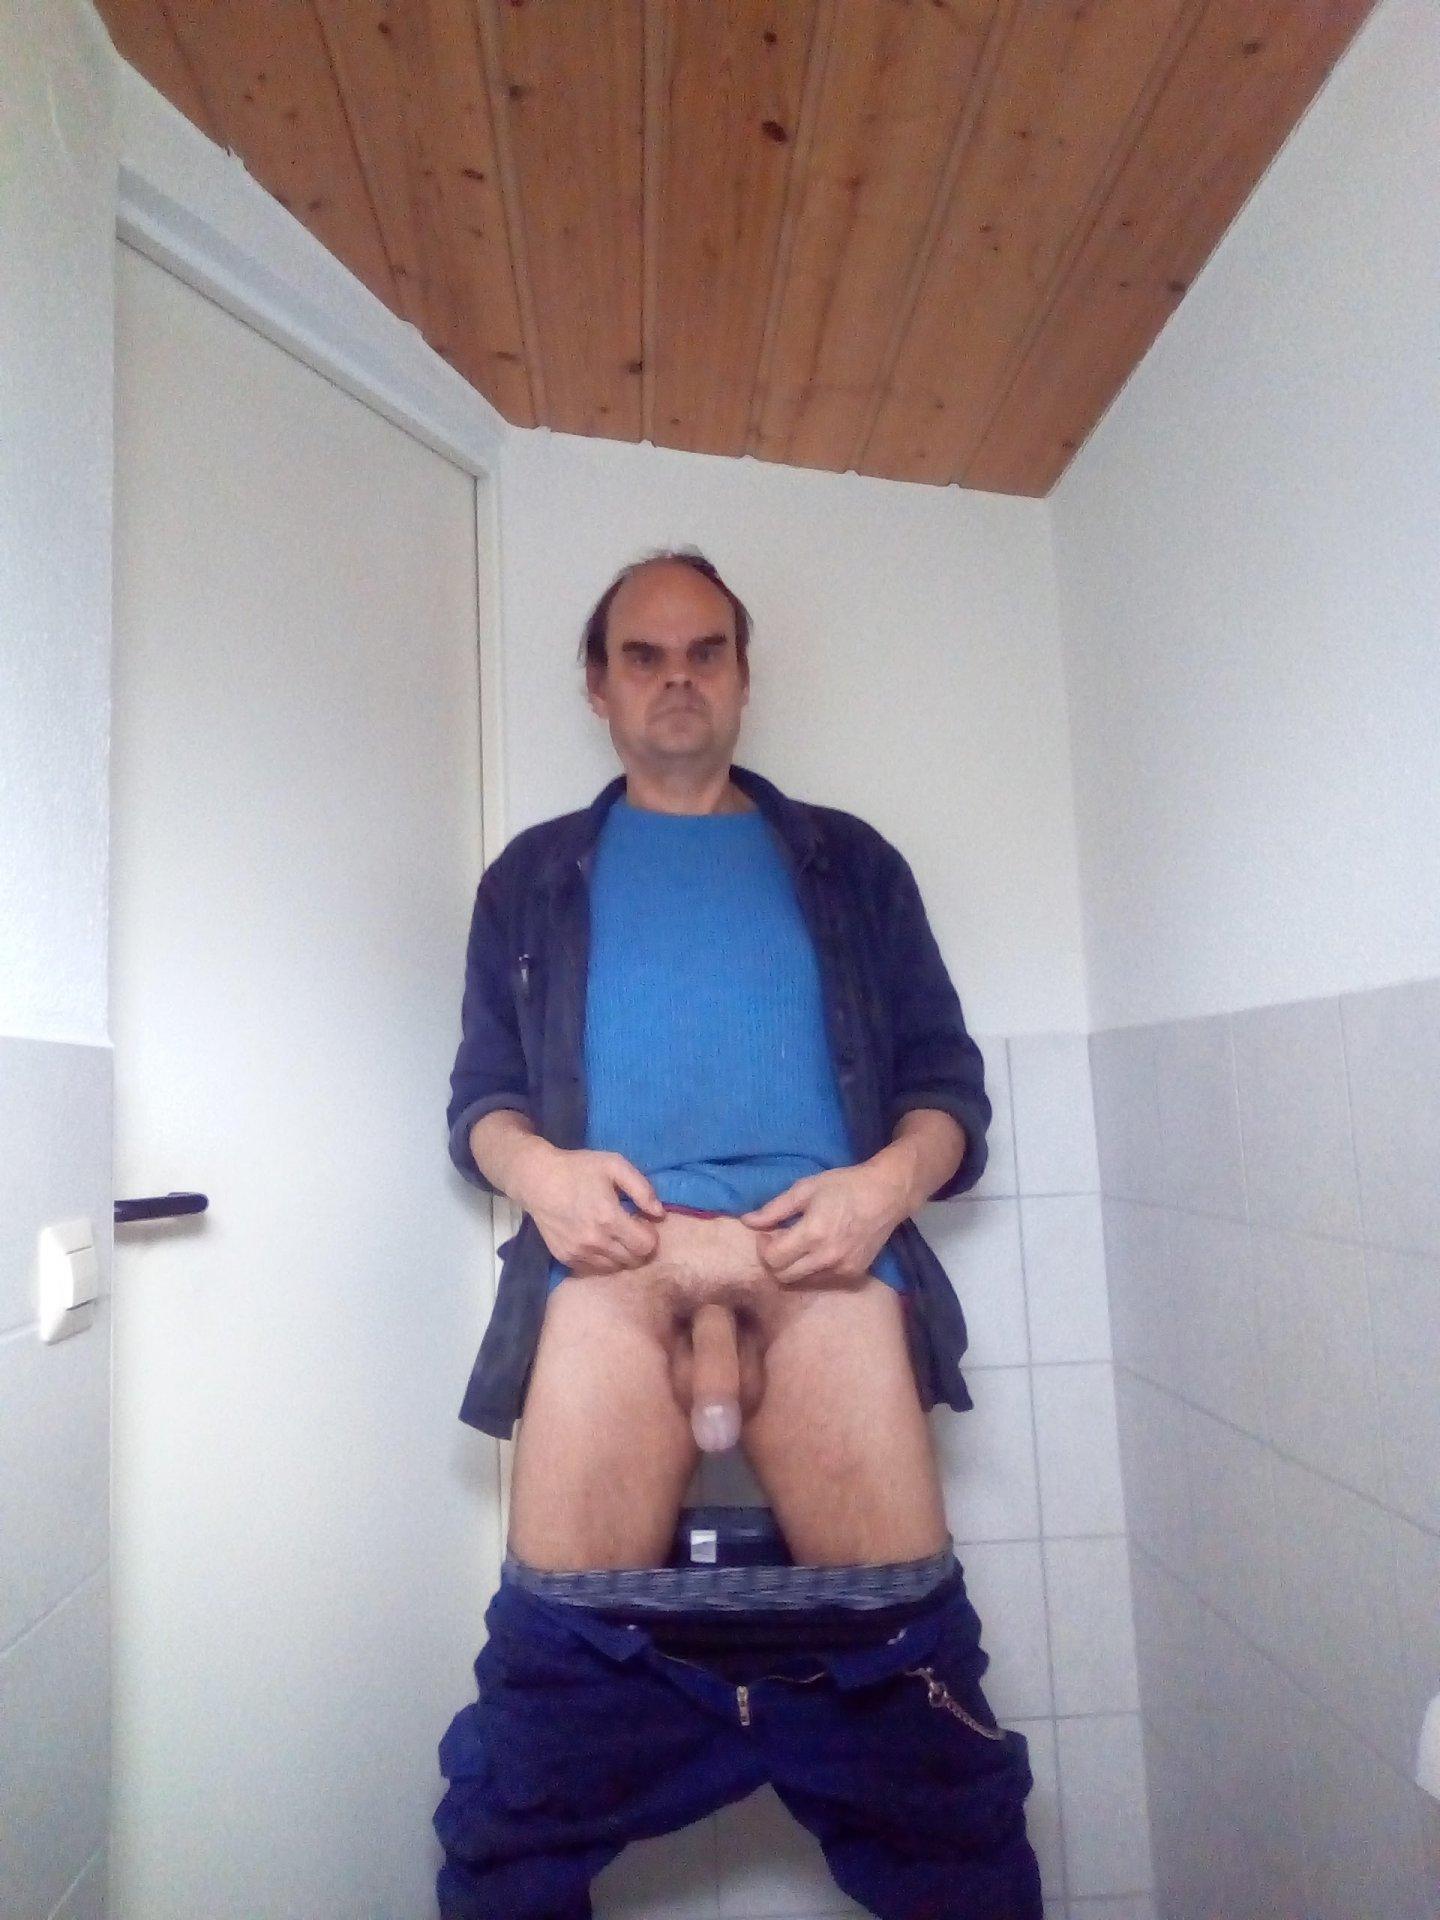 Toilettensklave52 aus Baden-Württemberg,Deutschland